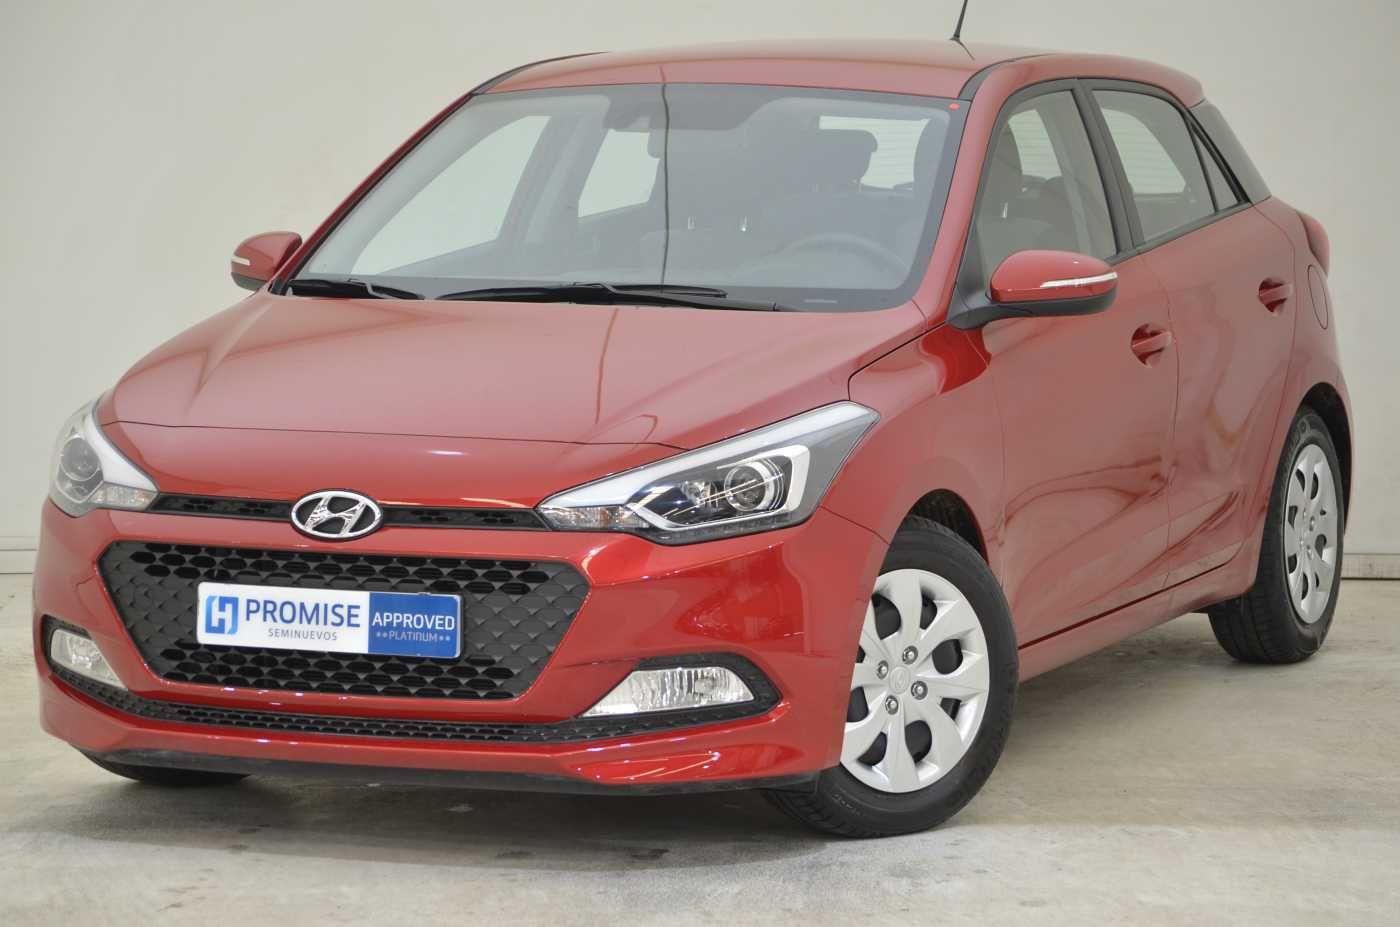 OFERTA ESPECTACULAR Hyundai i20 1.2 Klass Passion Red, 28.800 km, gasolina per només 9.500€*